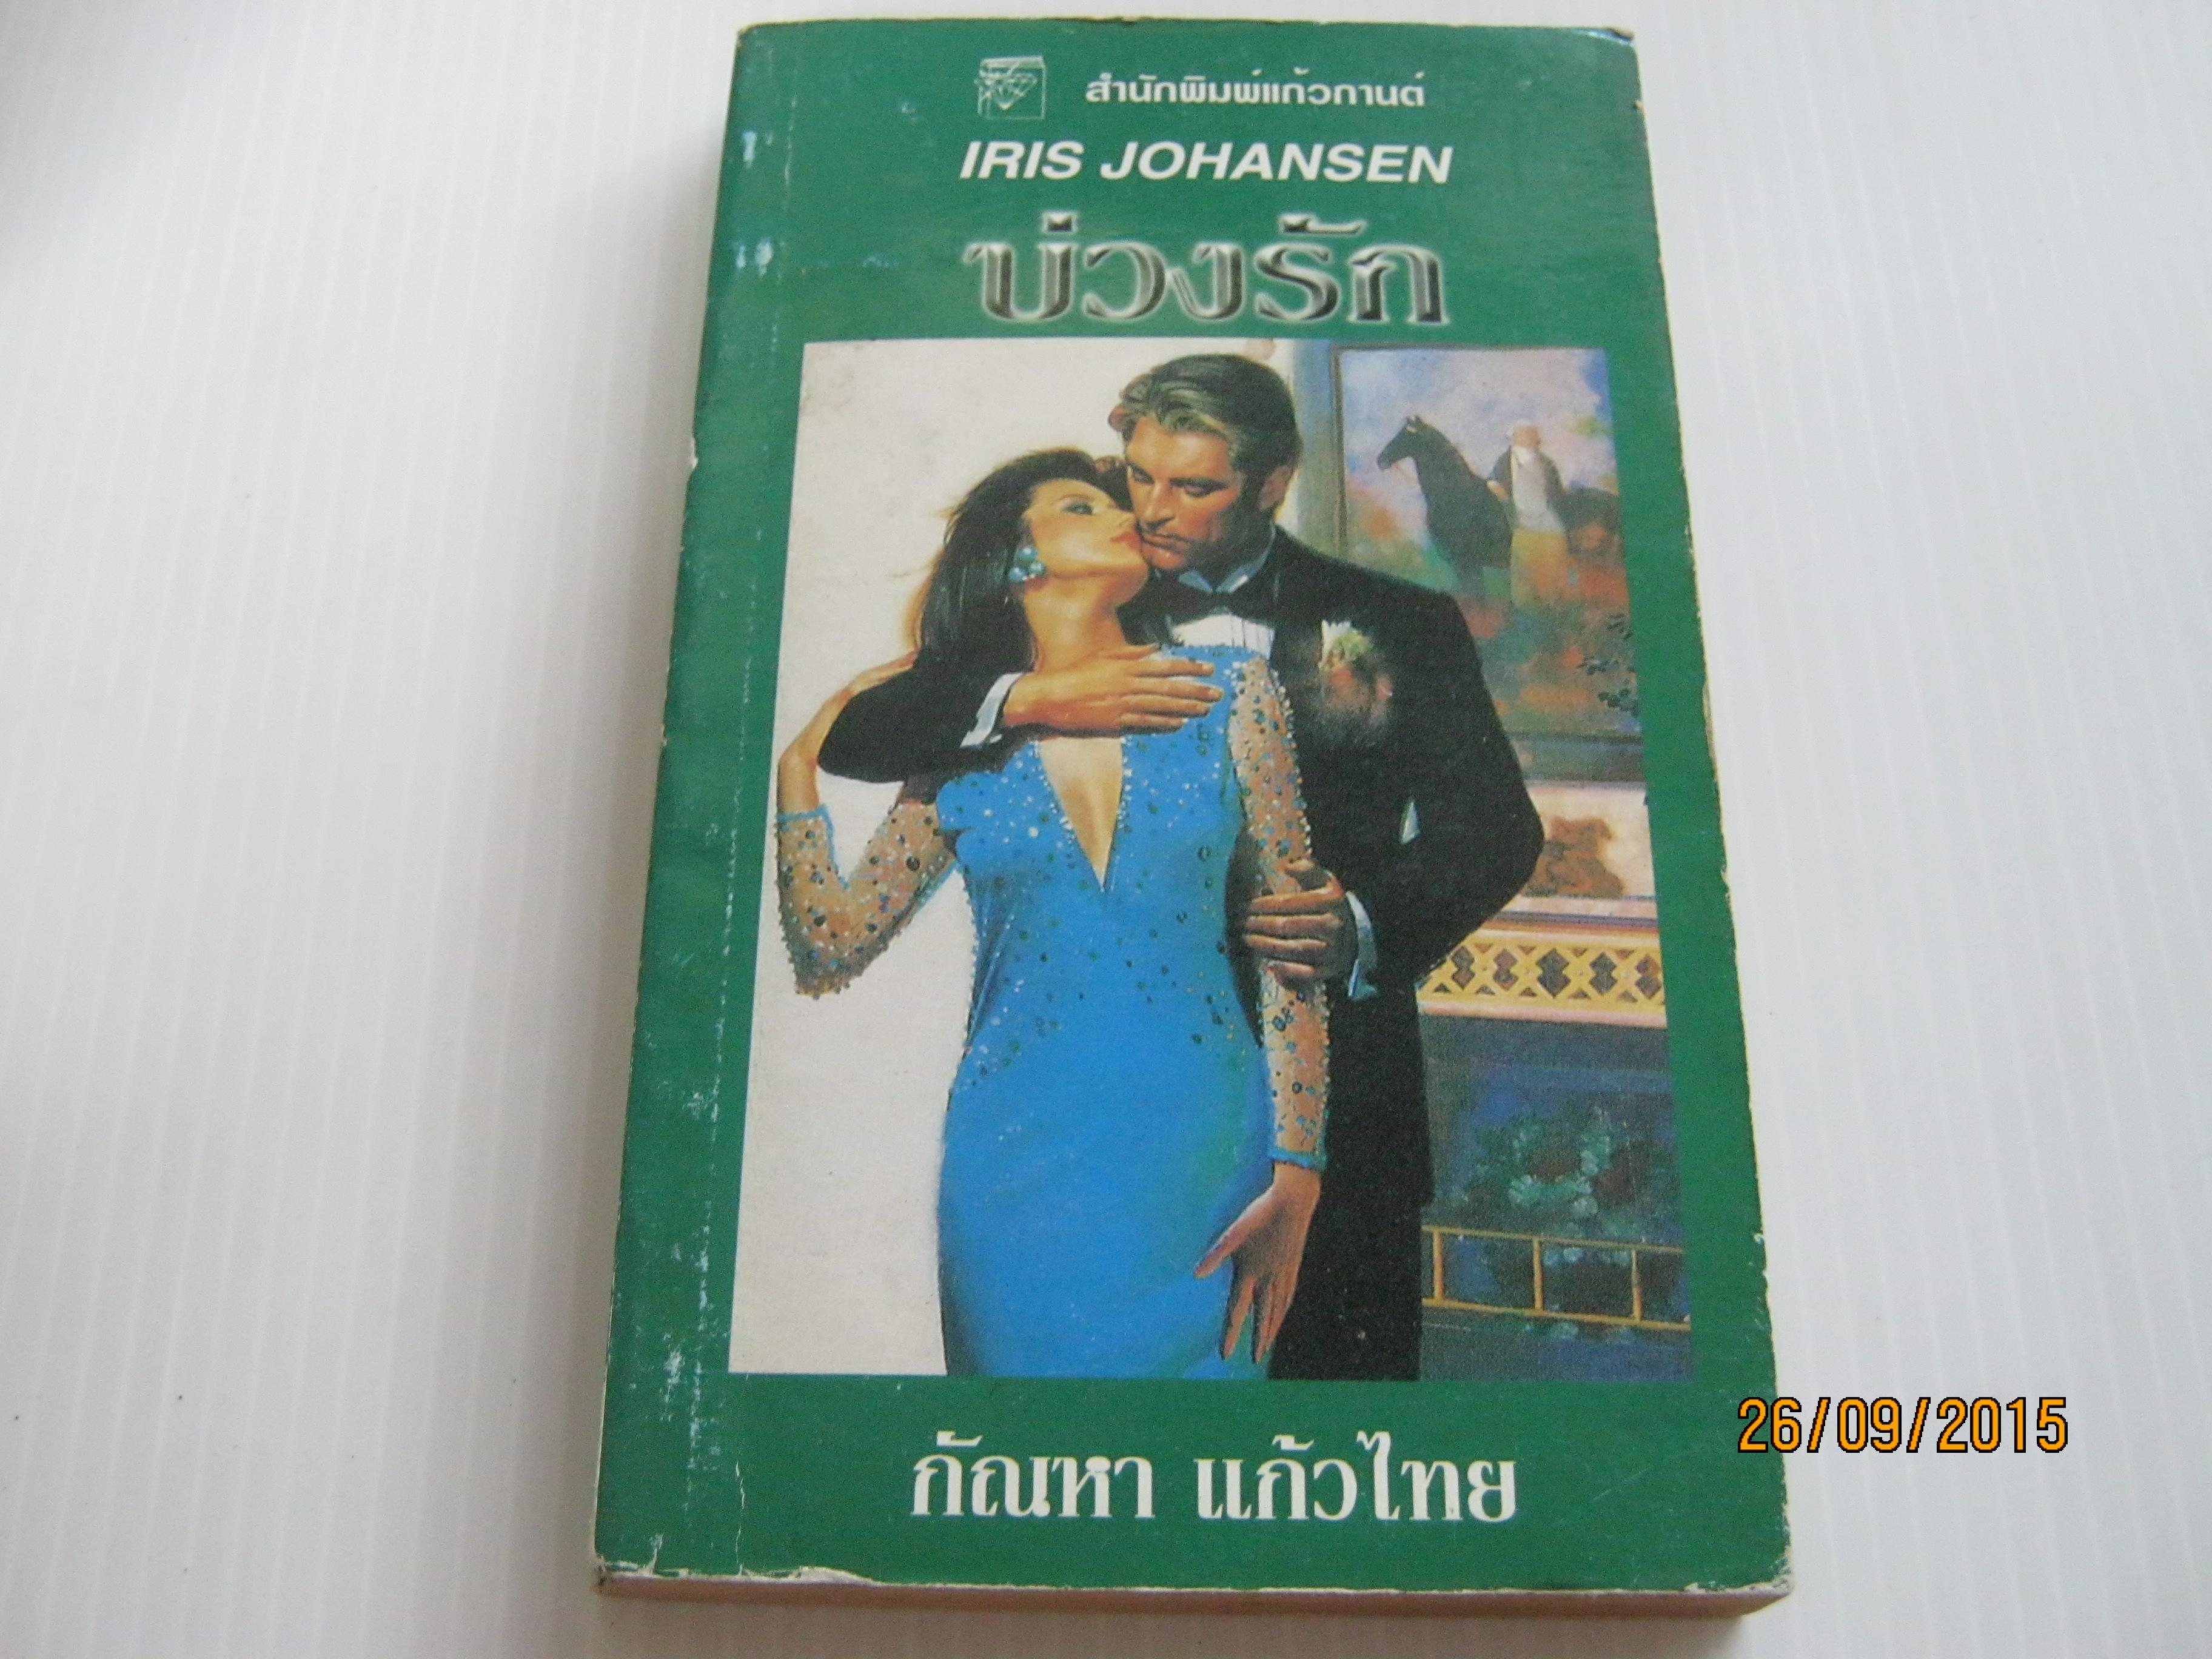 ่บ่วงรัก (Return to Santa Flores) ไอริซ โจแฮนเซ่น เขียน กัณหา แก้วไทย แปล